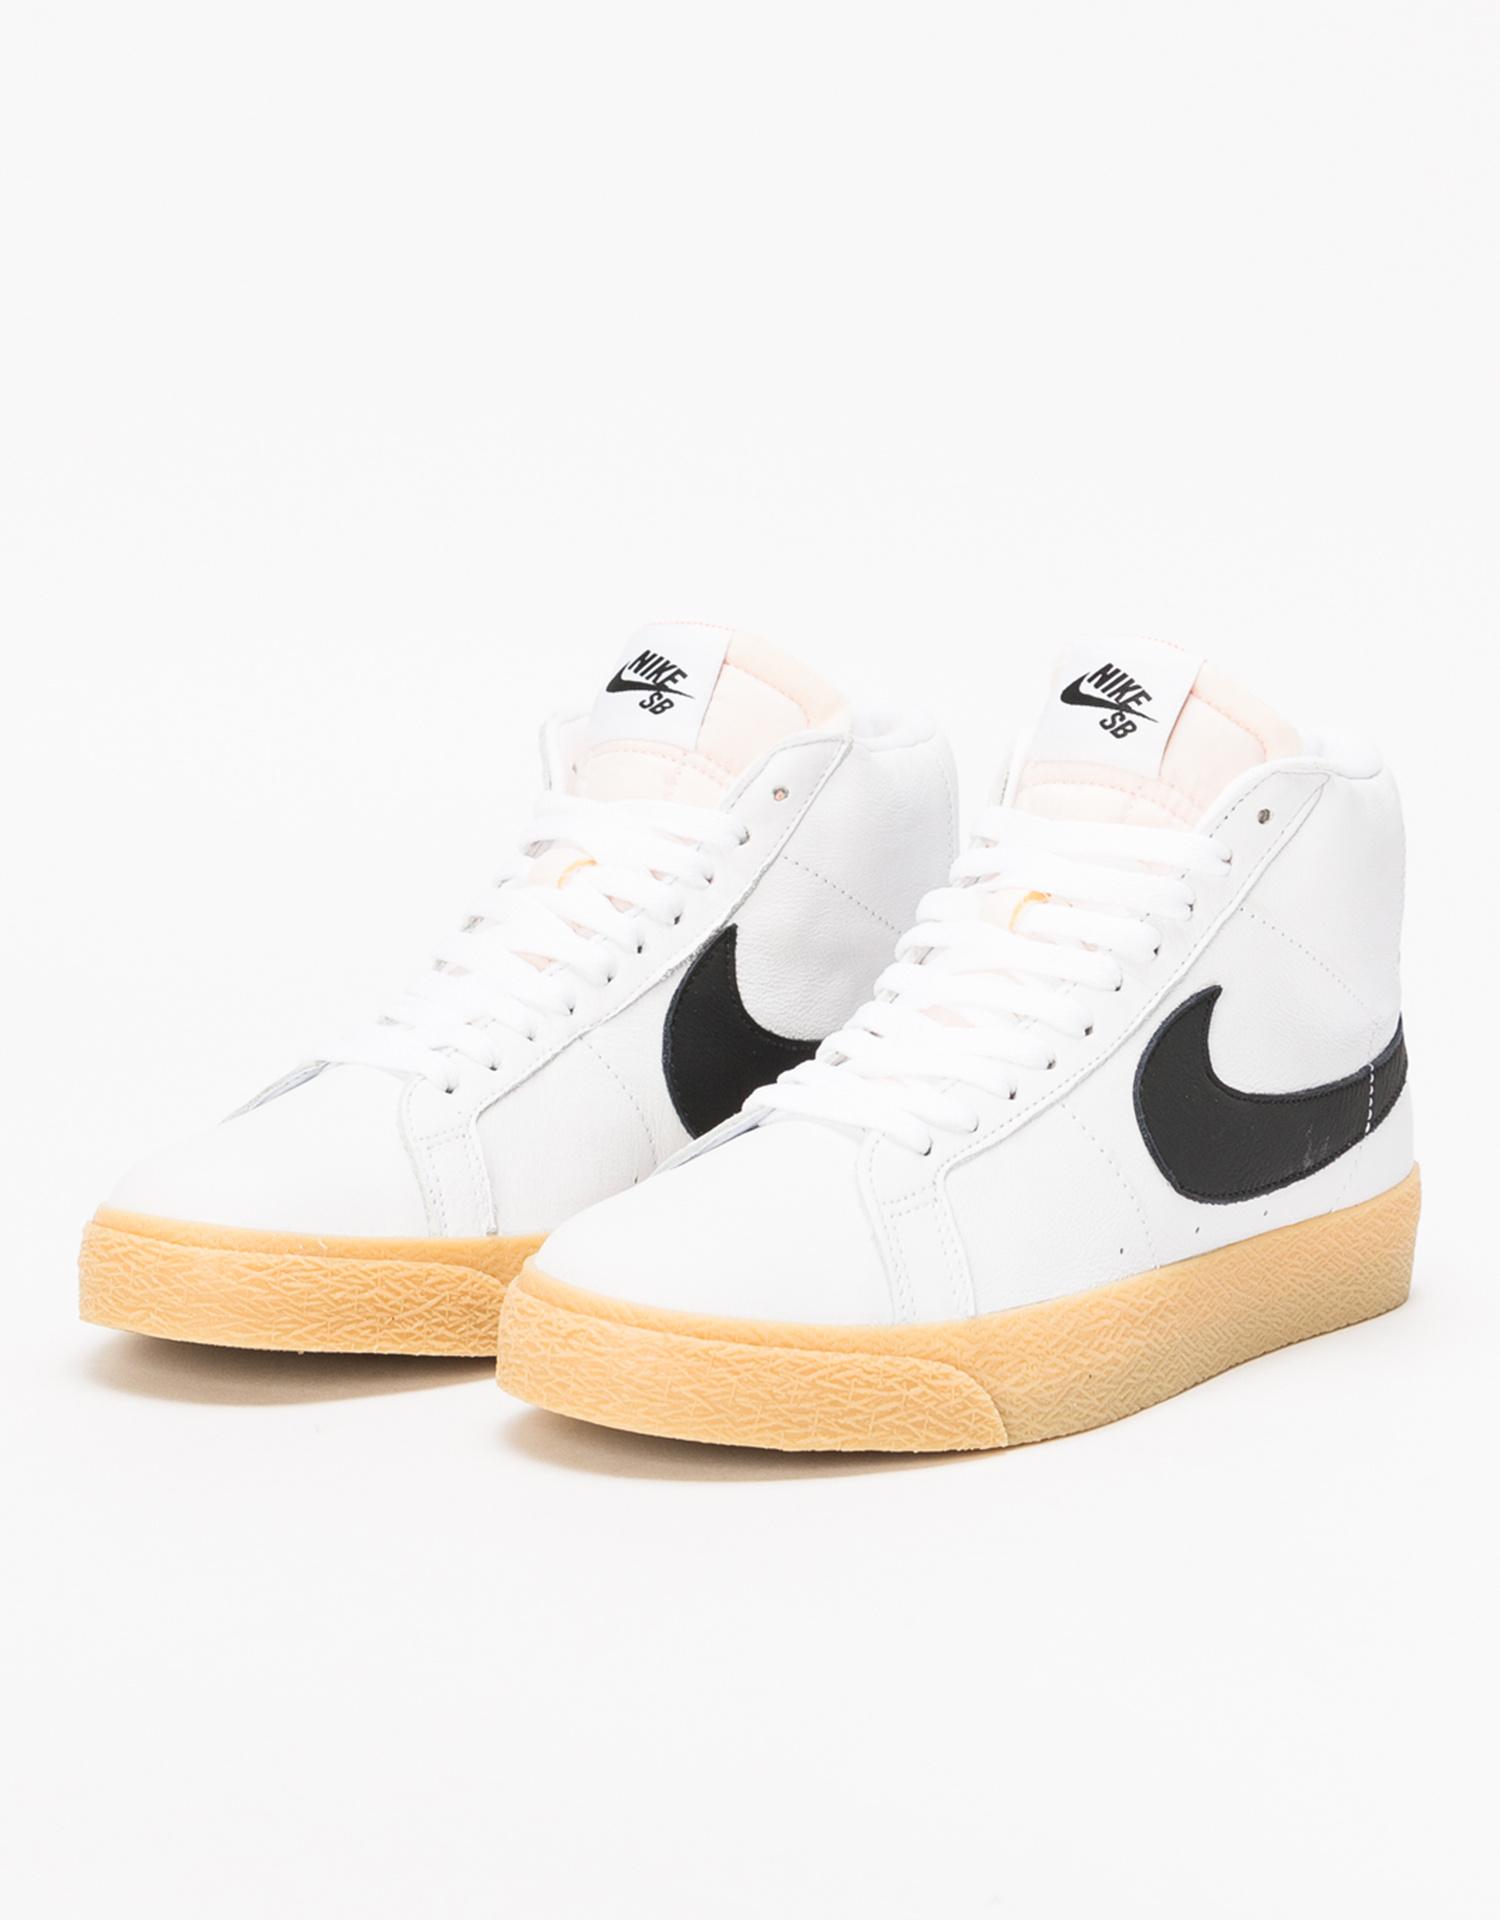 promo code 30b5d 12a36 Nike SB Zoom Blazer Mid ISO Orange Label white black-safety orange -  Lockwood Skateshop